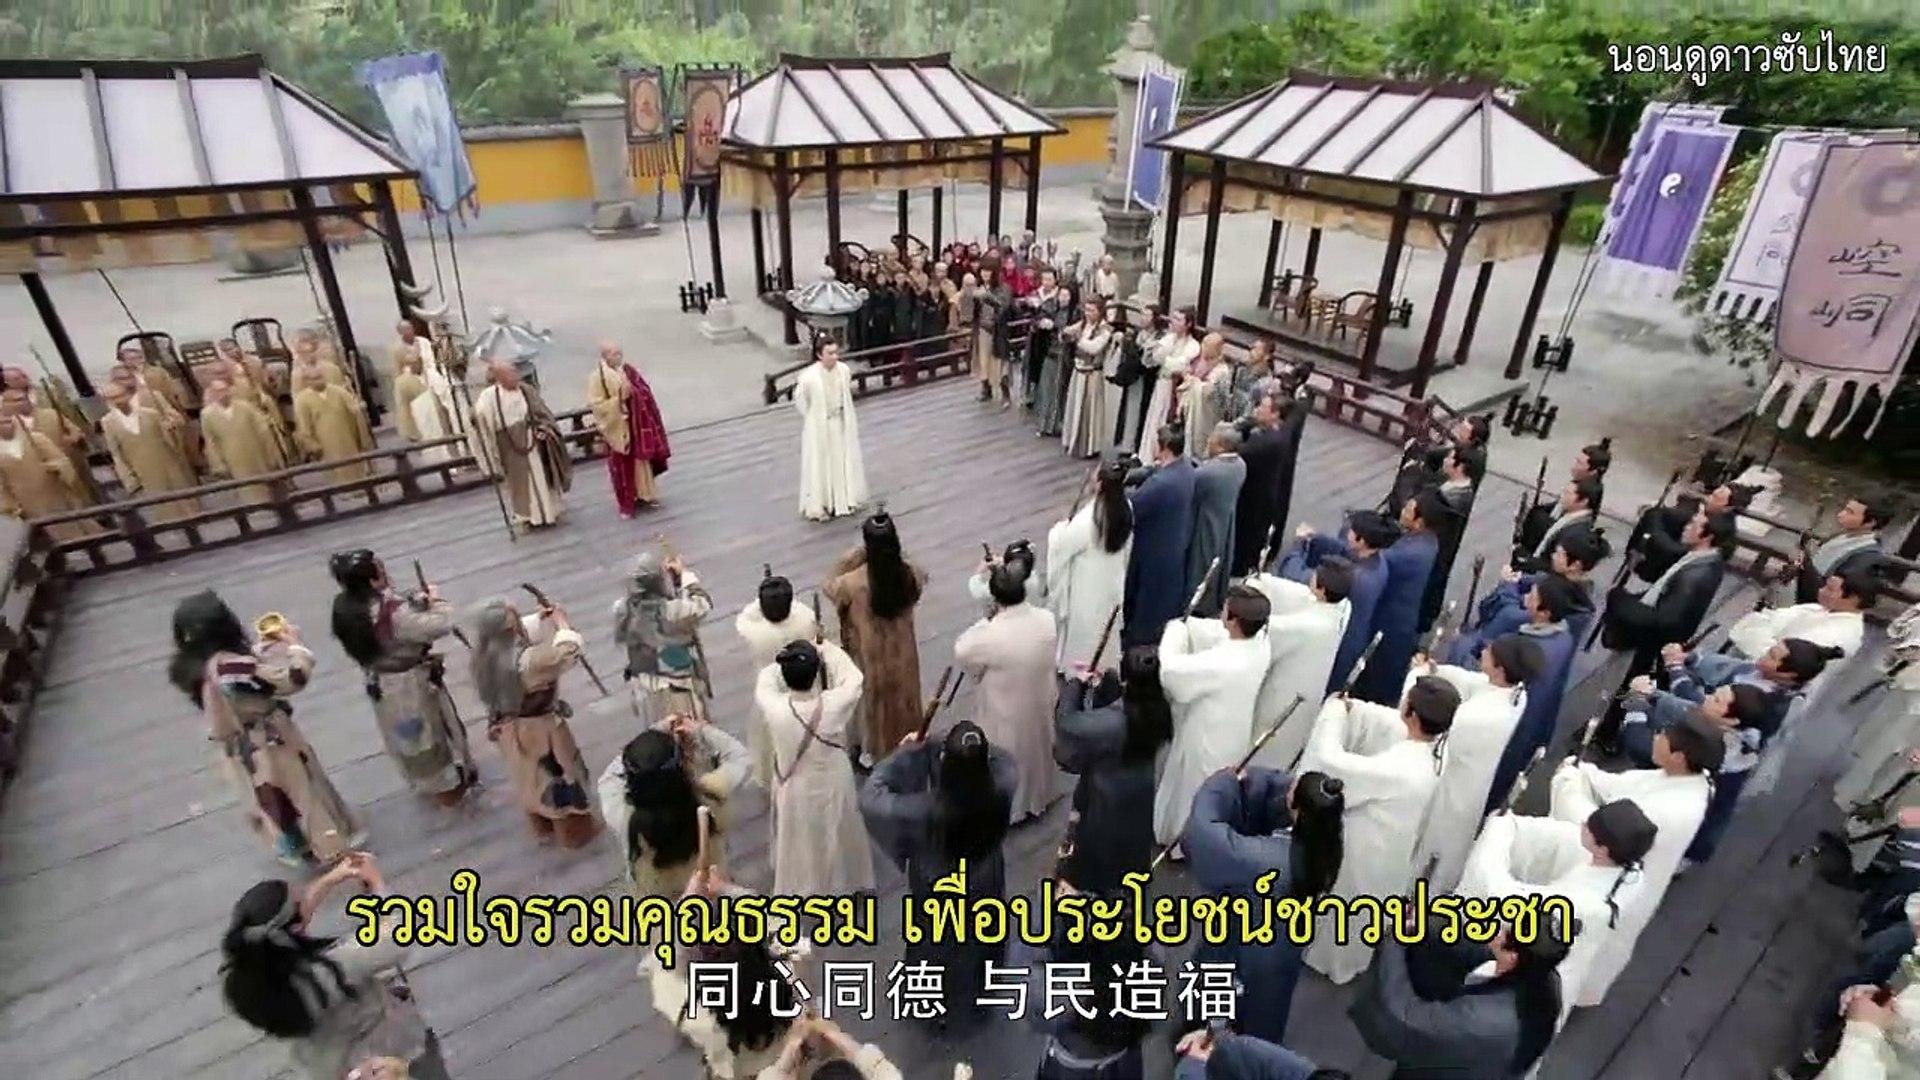 ดาบมังกรหยก2019 ซับไทยตอนที่ 49